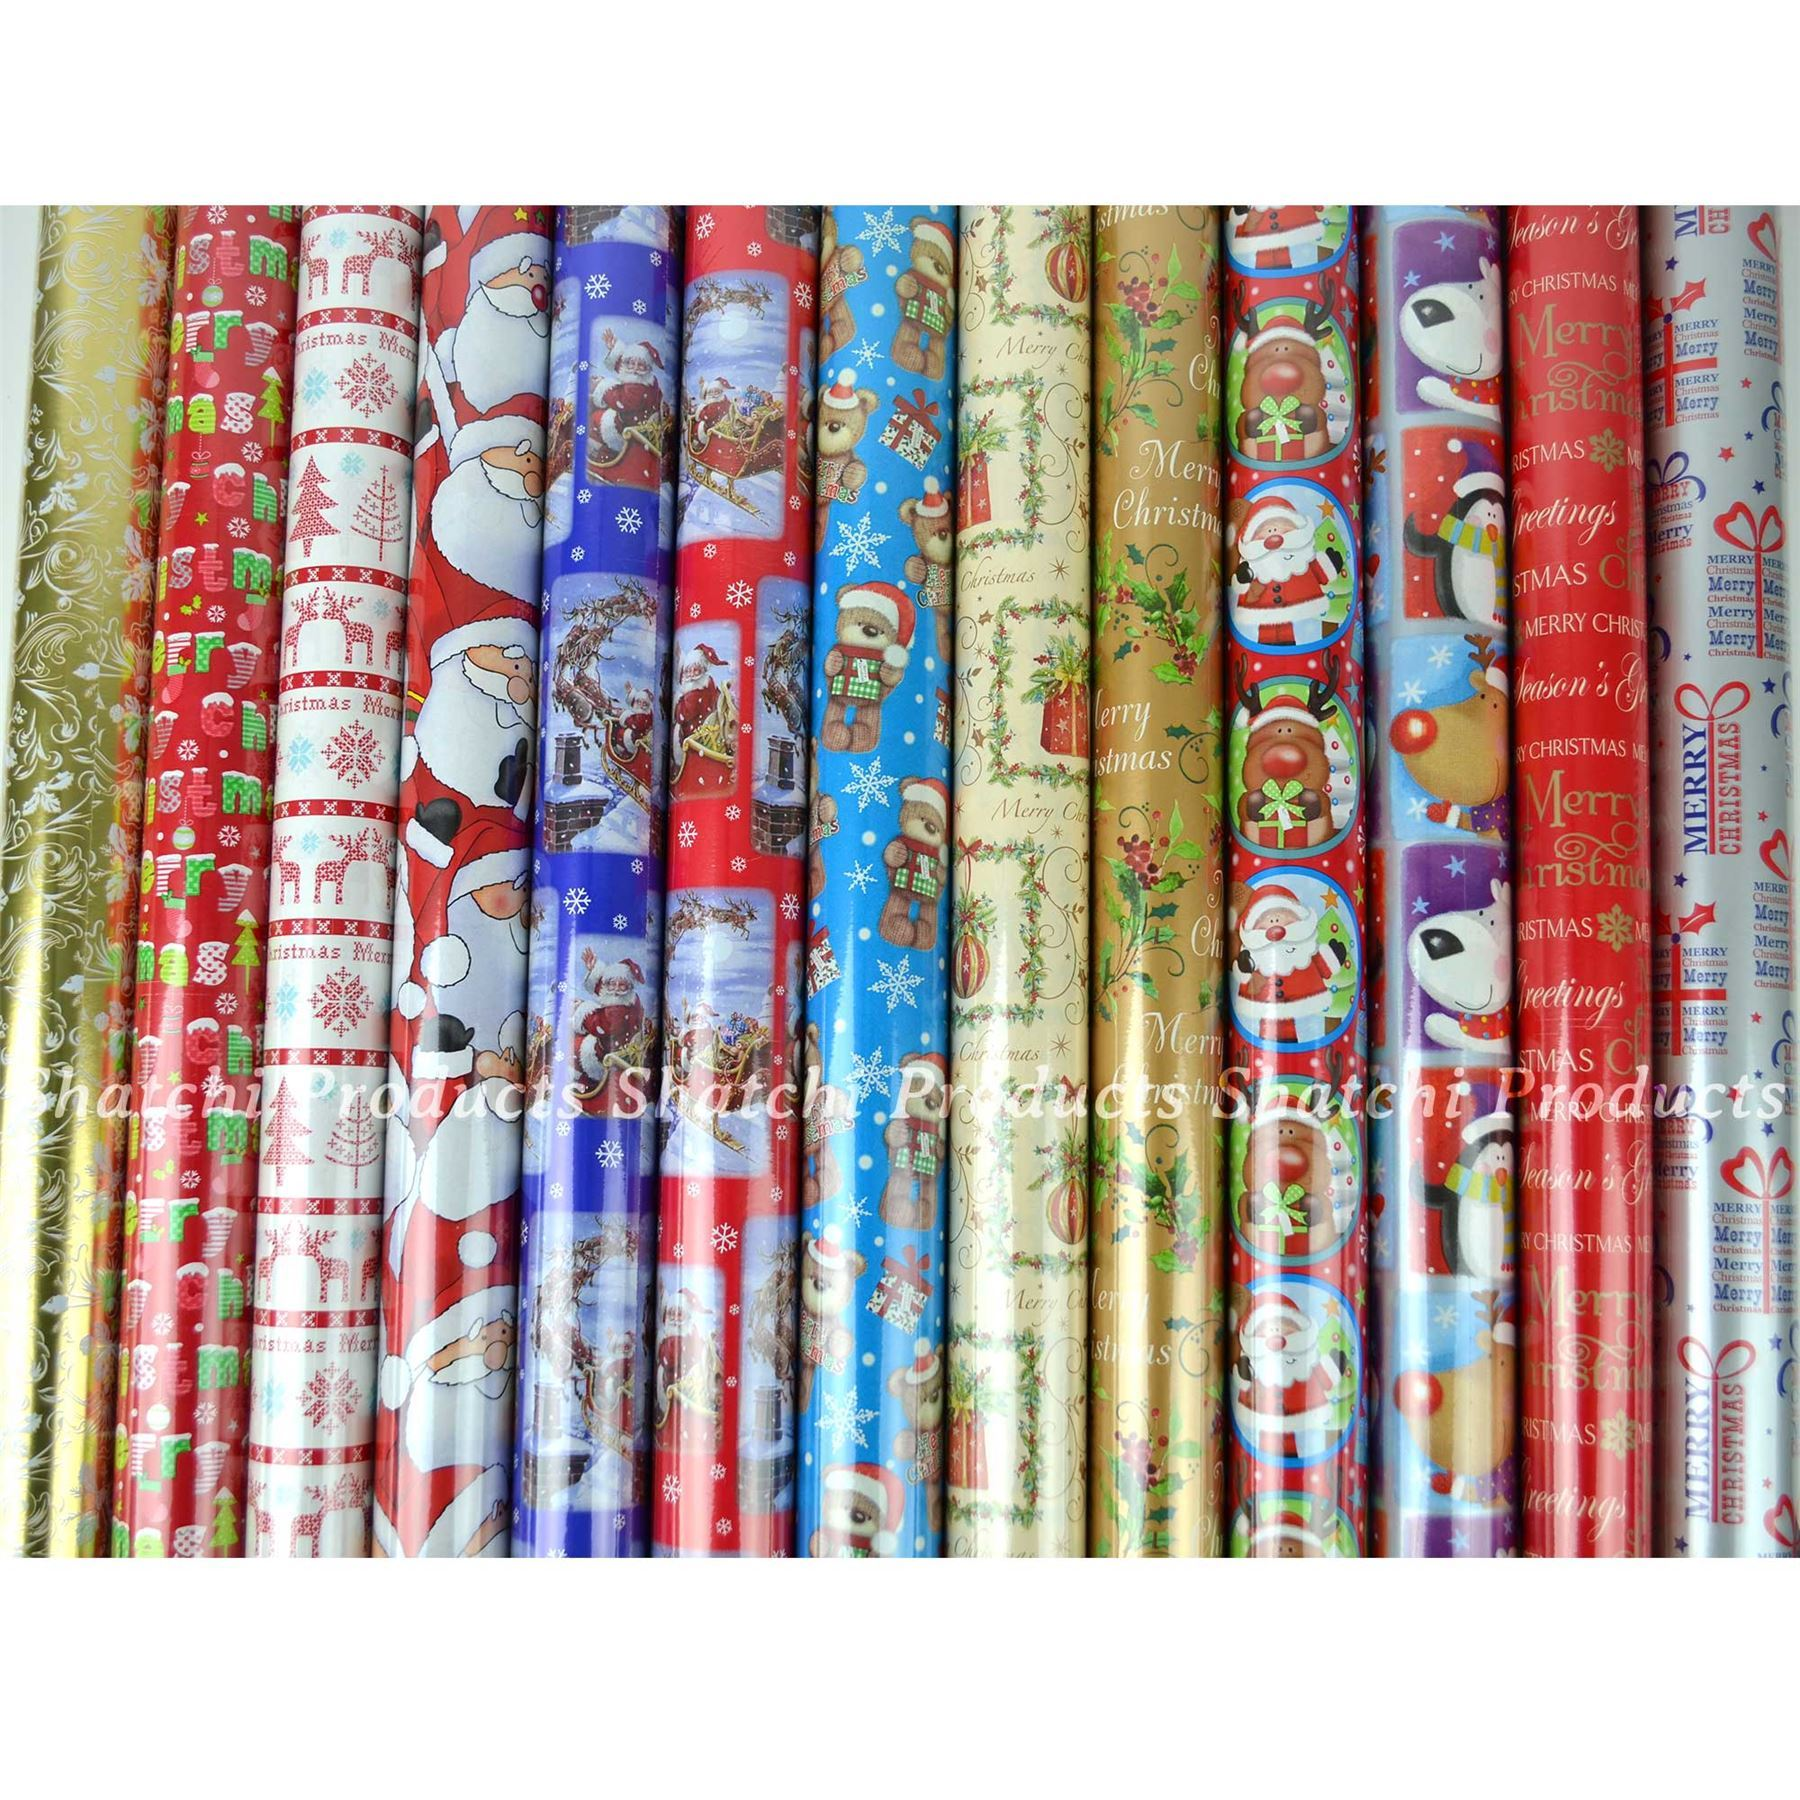 10M-Natale-Regalo-Wrap-Assortiti-ROTOLI-DI-CARTA-DA-PACCO-ROTOLO-REGALO-DI-NATALE miniatura 15